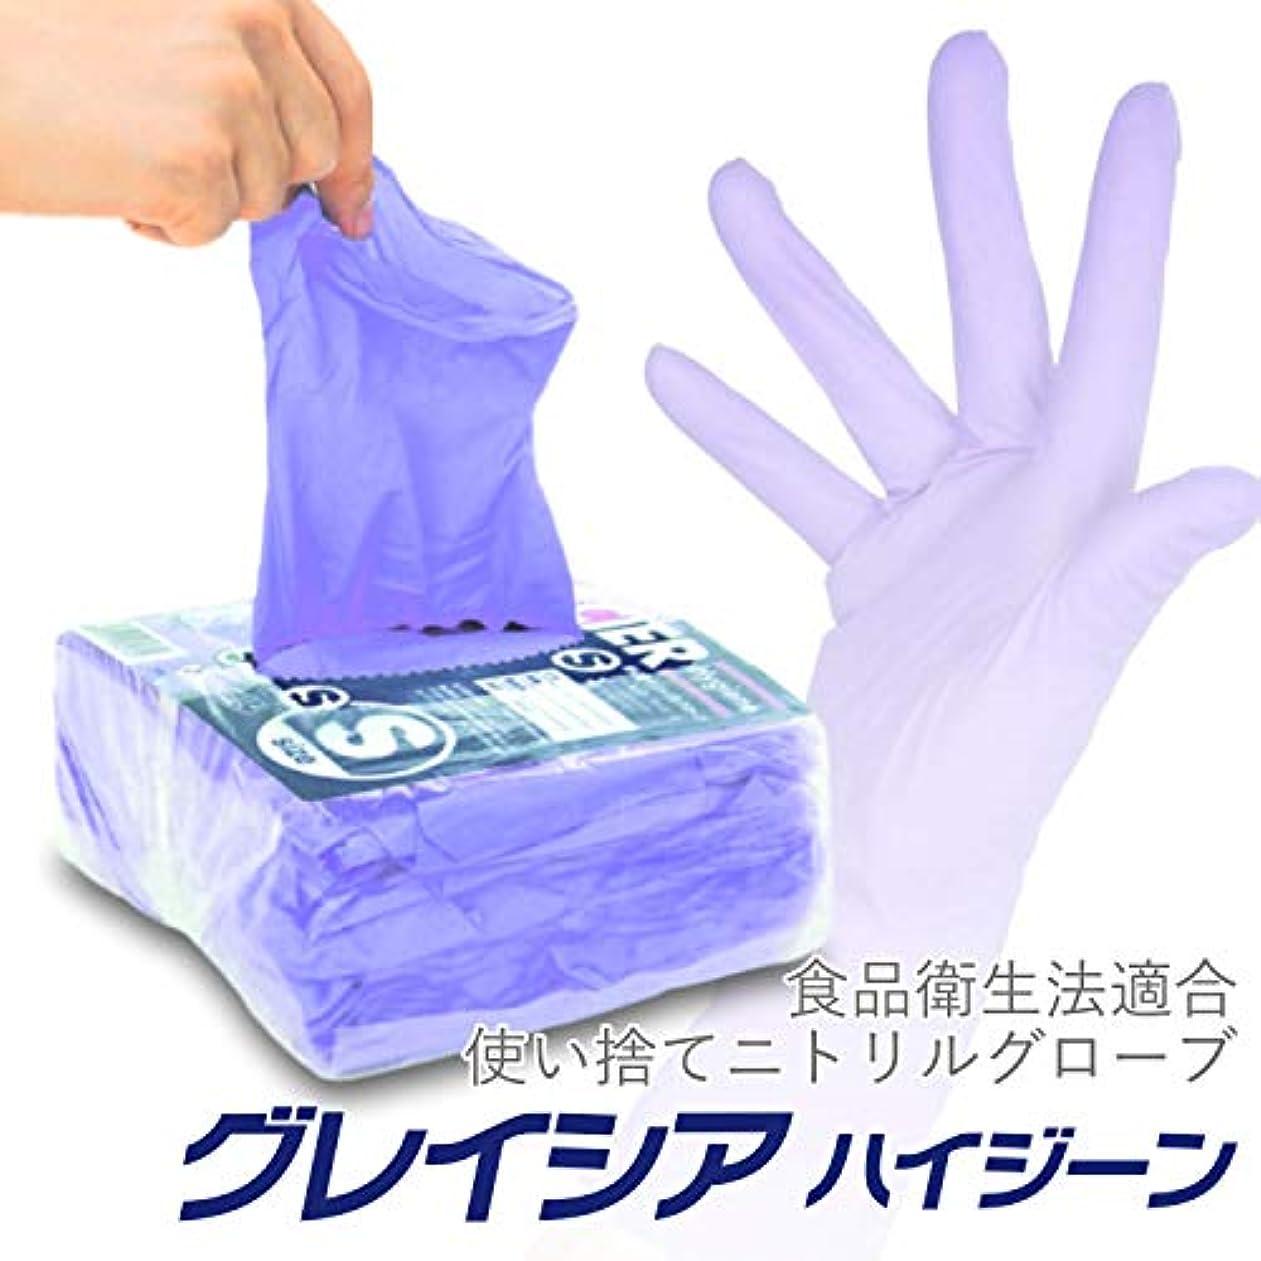 不定アークのヒープ食品衛生法適合 ニトリル手袋 グレイシアハイジーン Sサイズ 【お徳用:125枚/パック】 GH-02-01